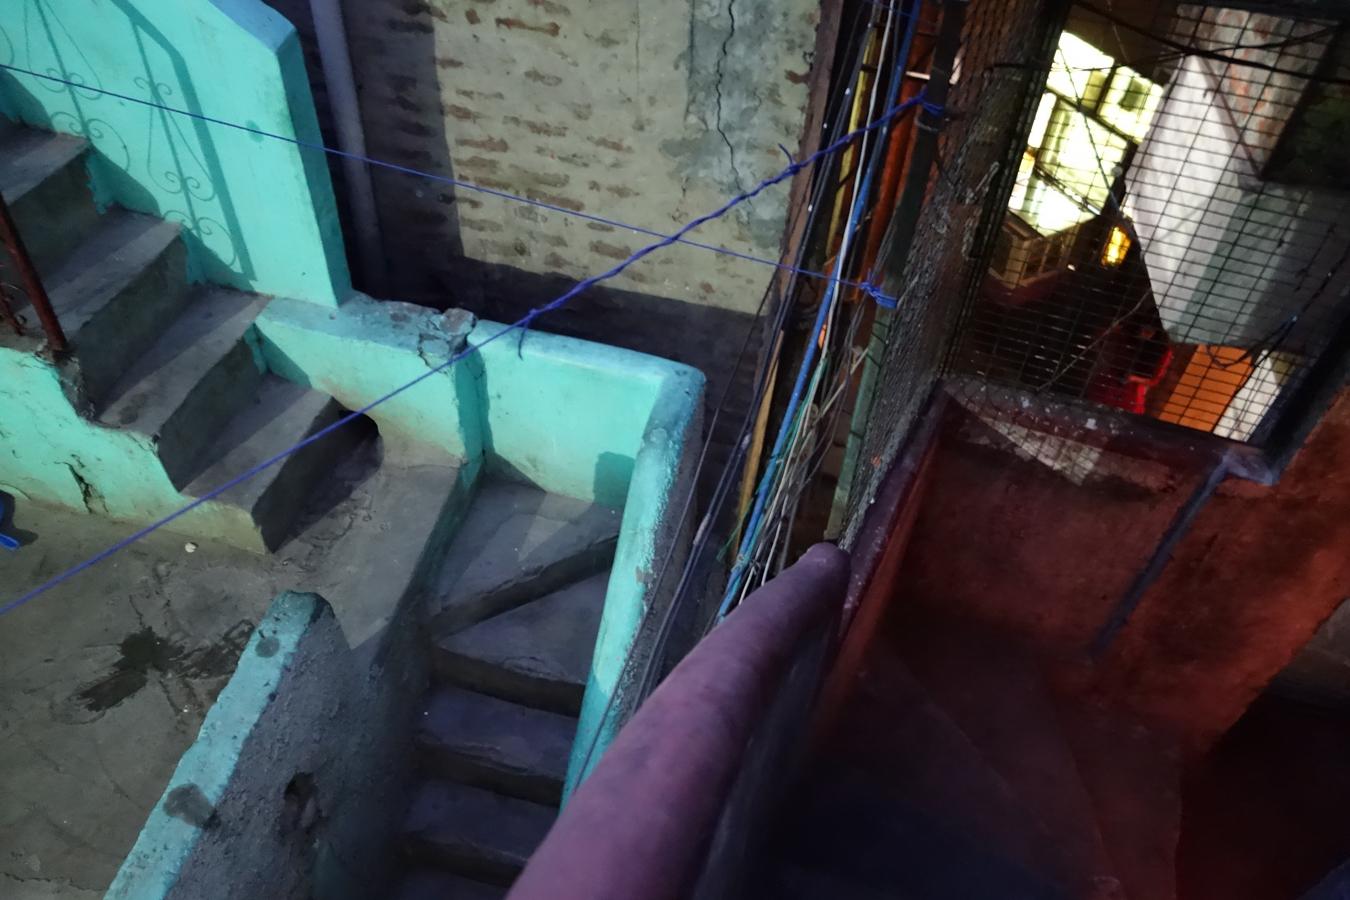 Staircase in Majnu Ka Tila, Delhi